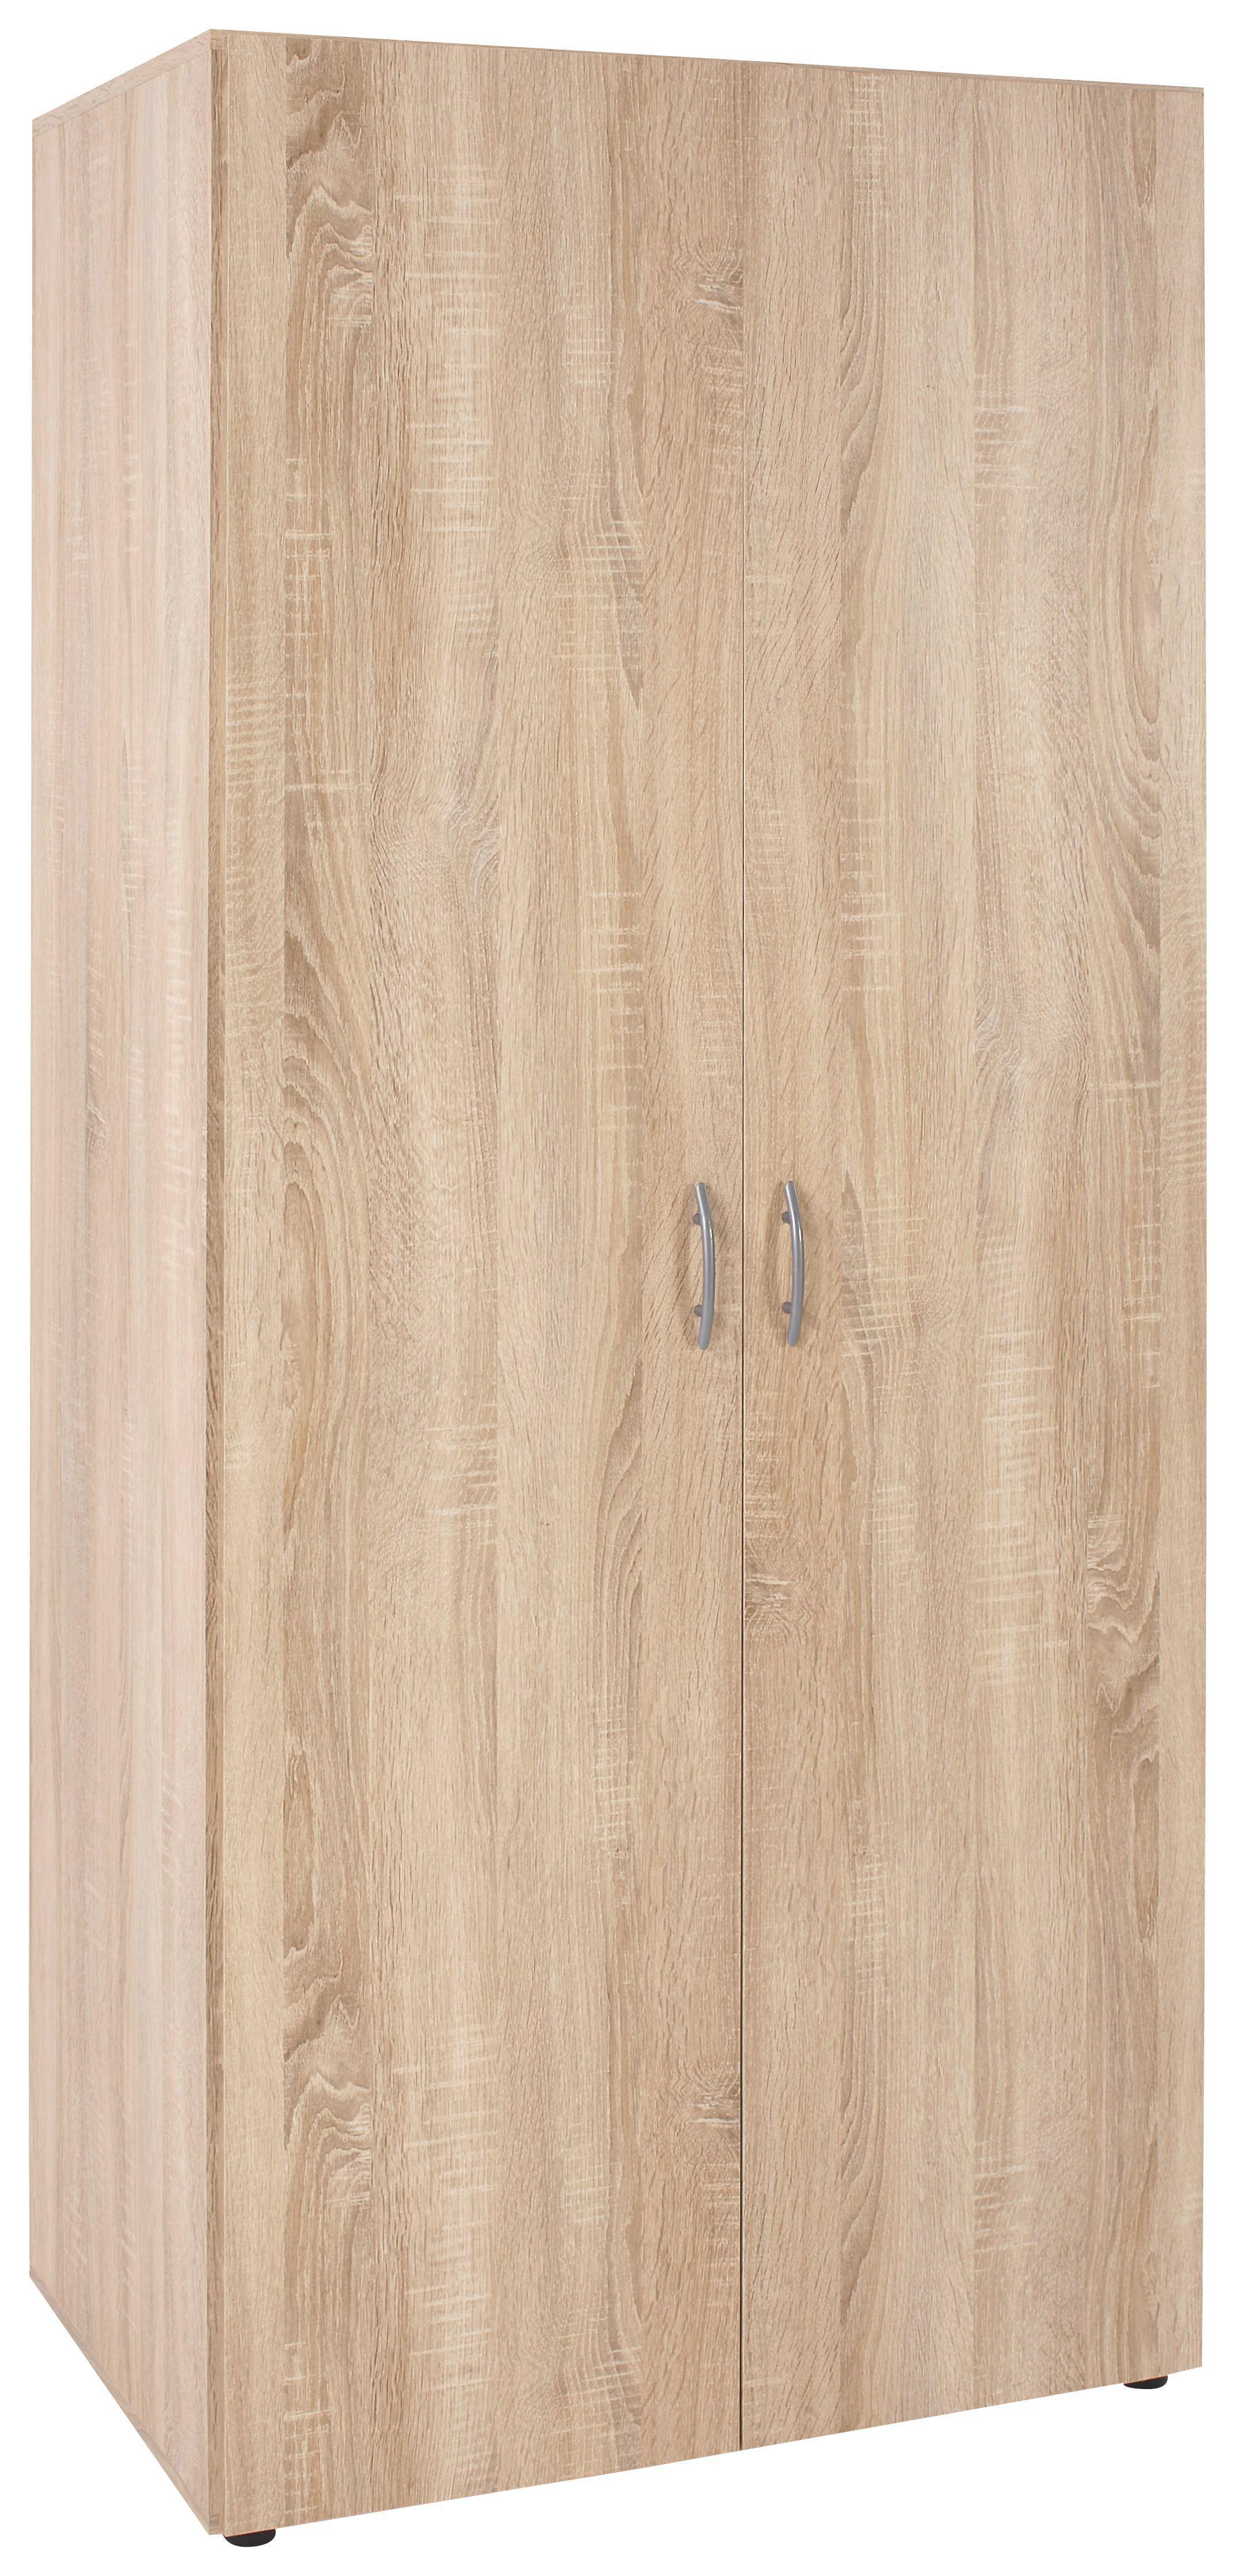 Drehtürenschrank in Eichefarben - Eichefarben, KONVENTIONELL, Holzwerkstoff/Kunststoff (80/177/52cm) - MODERN LIVING